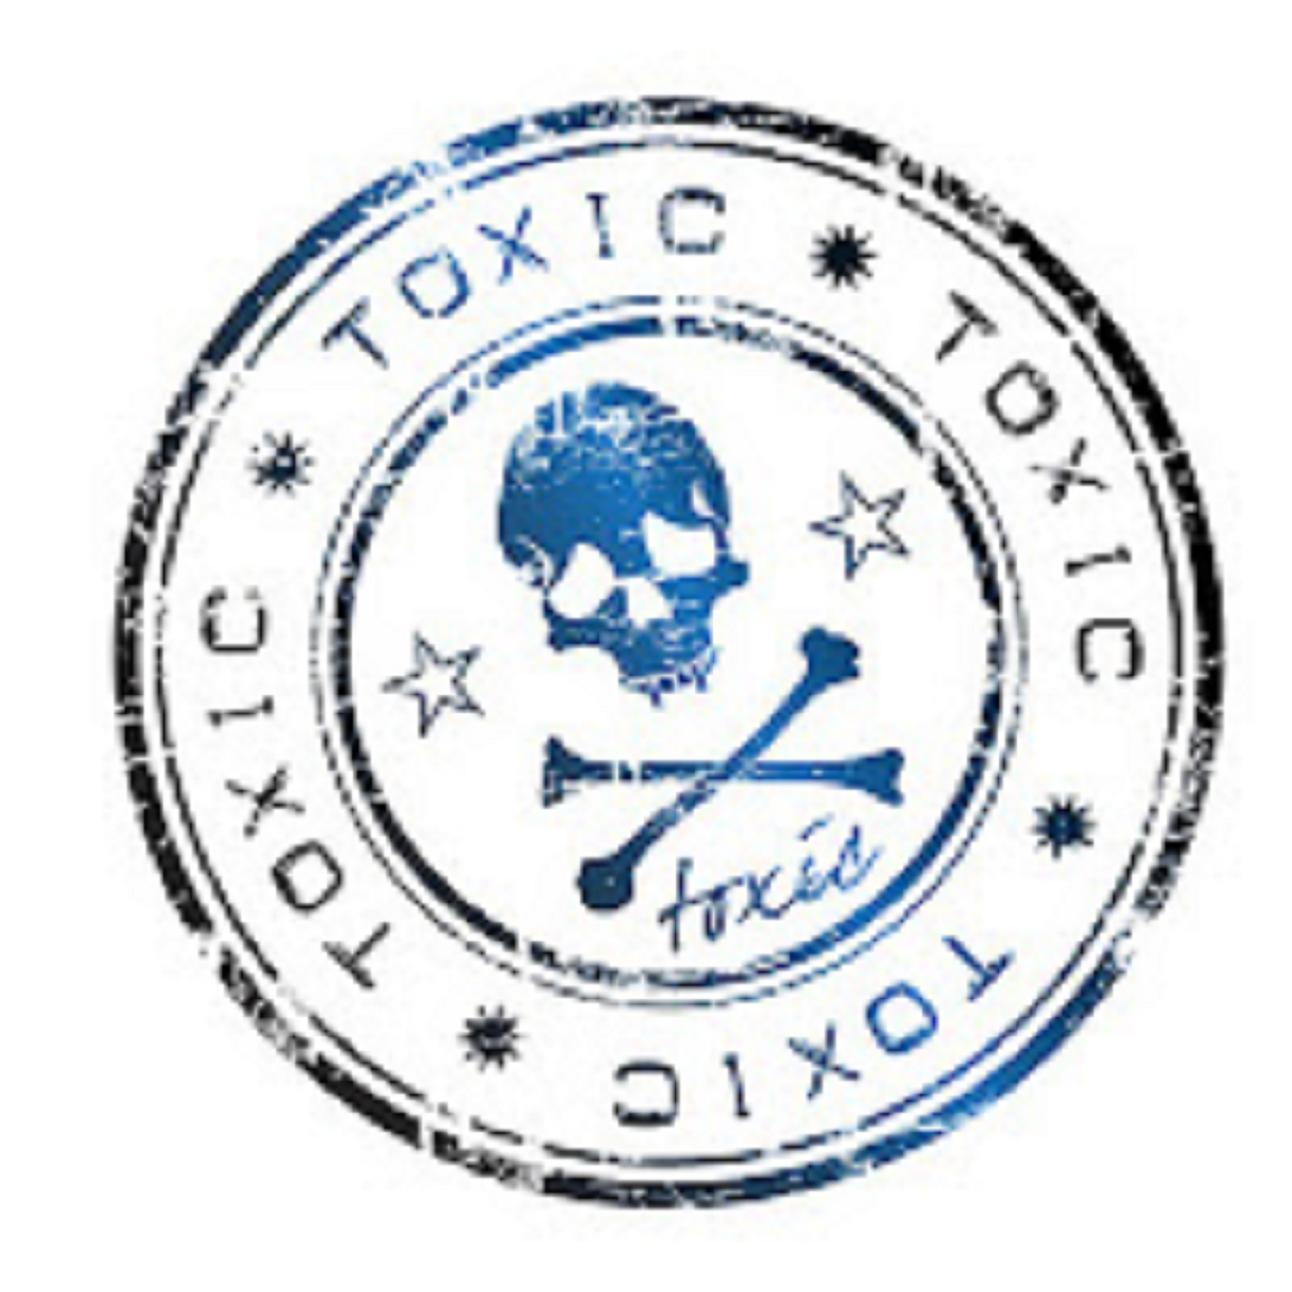 Τεχνητὲς γλυκαντικὲς ουσίες. Tὸ FDA εἶπε ναὶ στὰ Δηλητήρια!